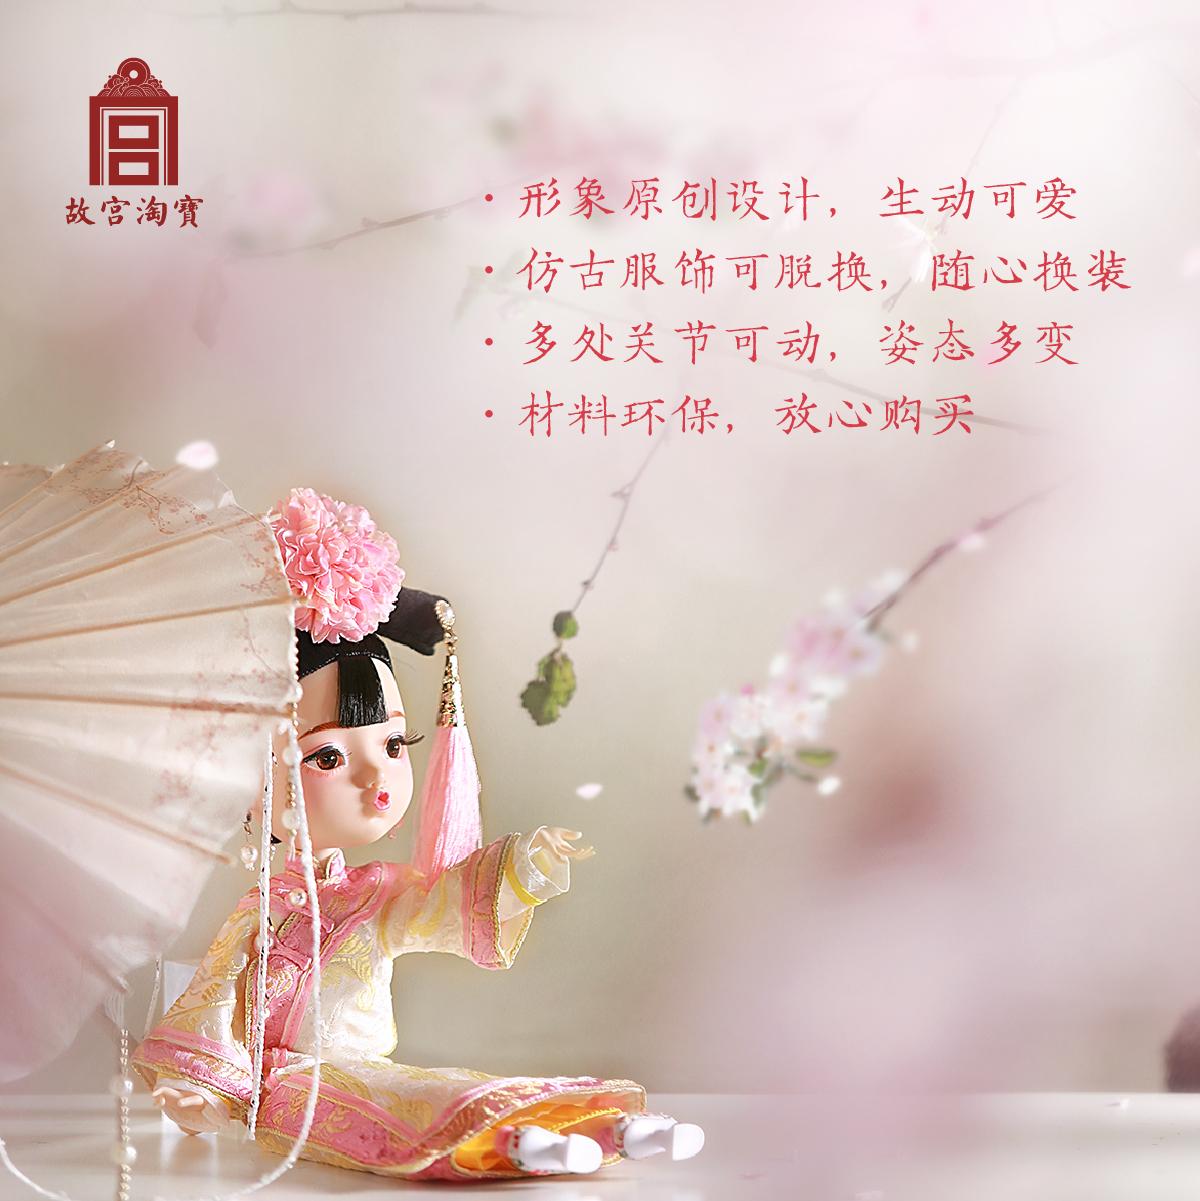 湖绿 鹅黄 可换装古风创意玩偶宫廷娃娃套装 俏格格 故宫淘宝